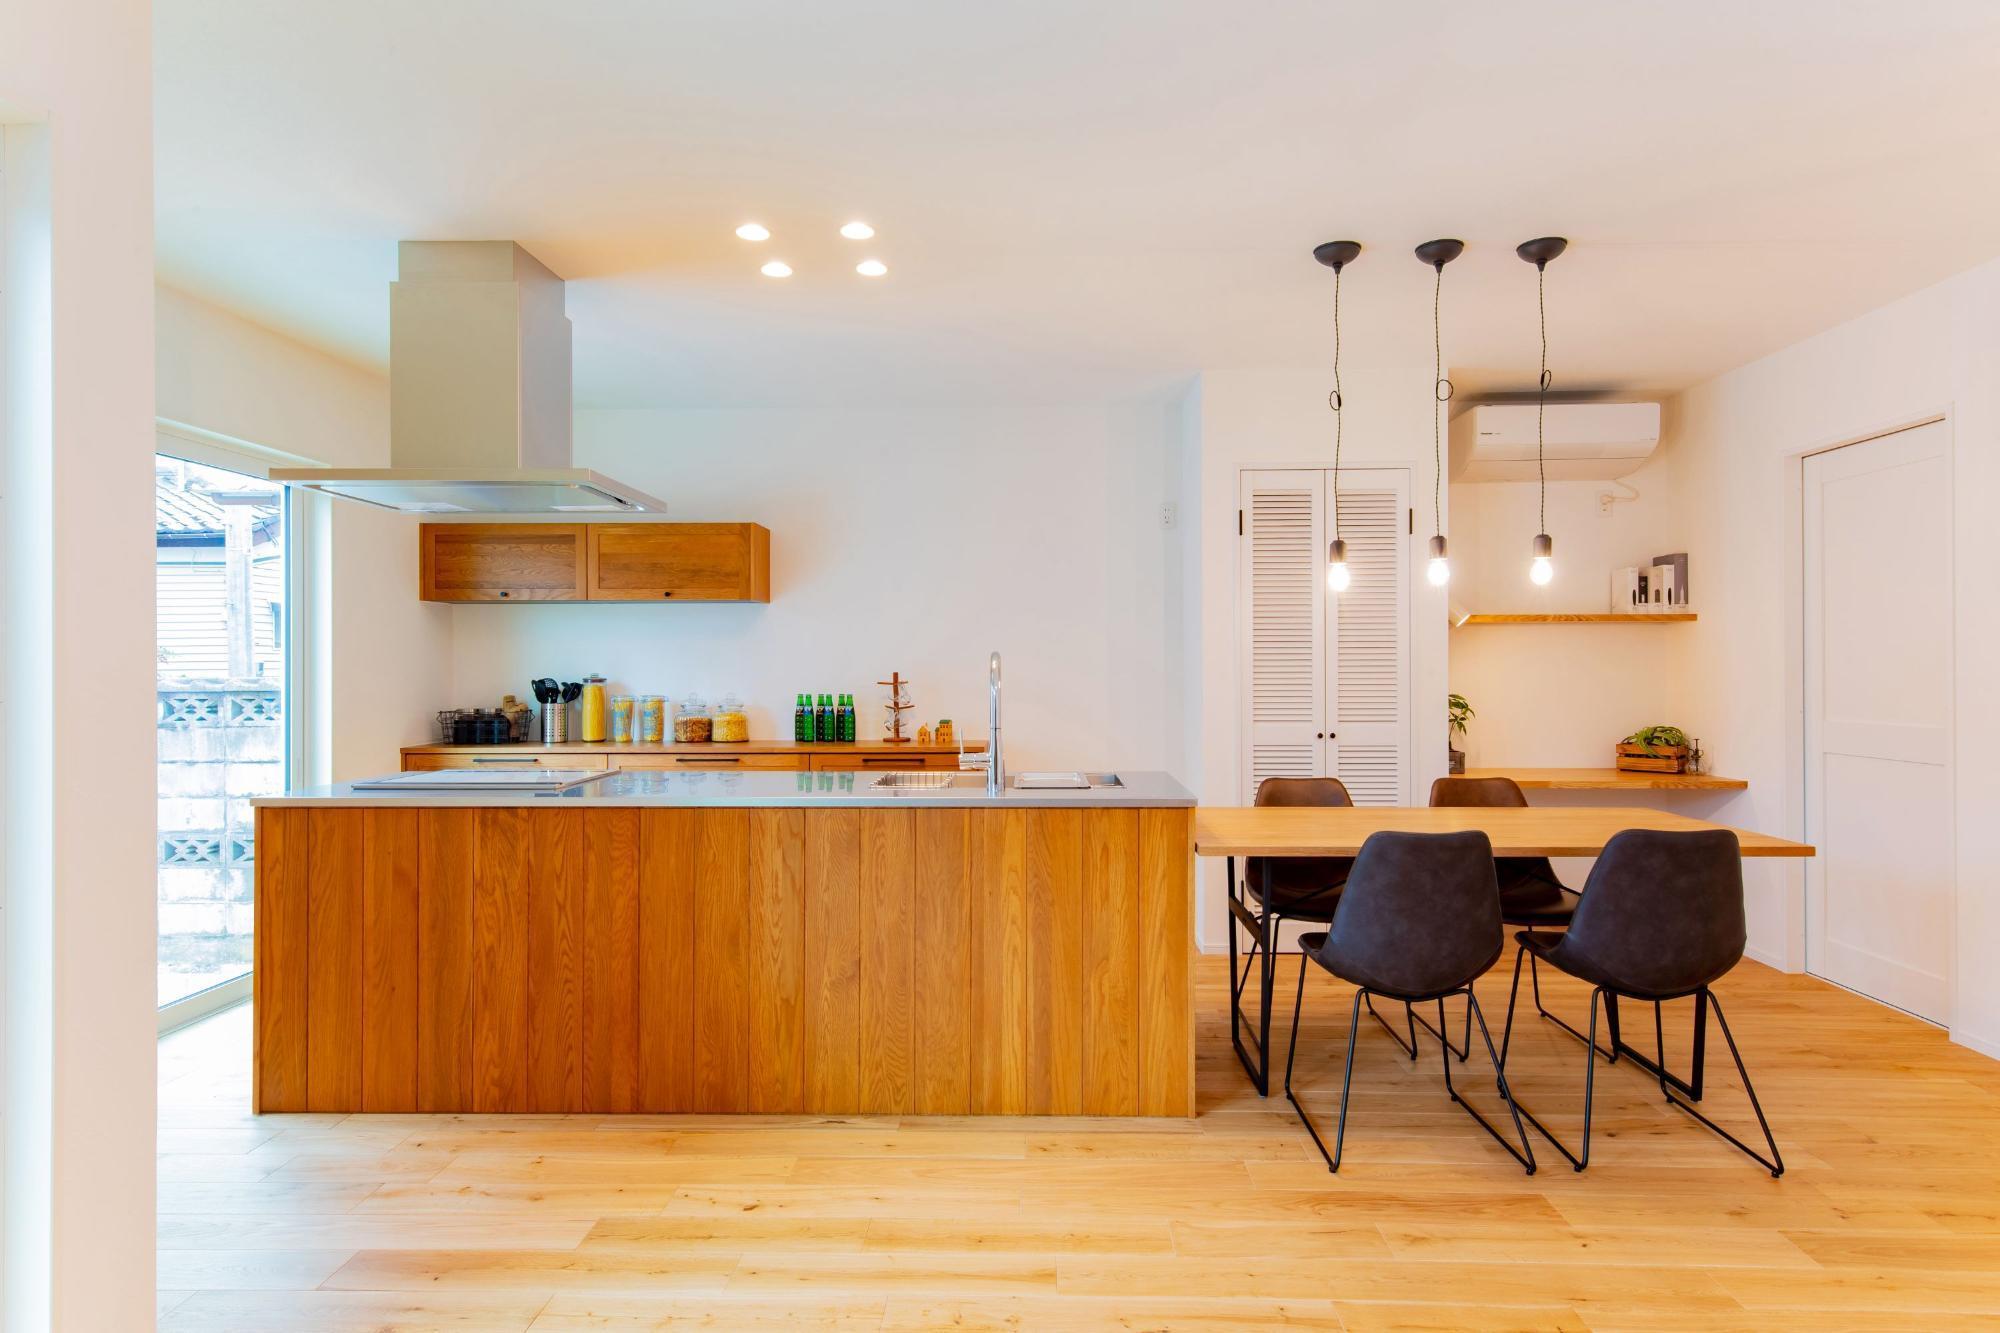 株式会社ゼロスタイル「タテカエ×センターキッチン×マリン」のシンプル・ナチュラルなキッチンの実例写真